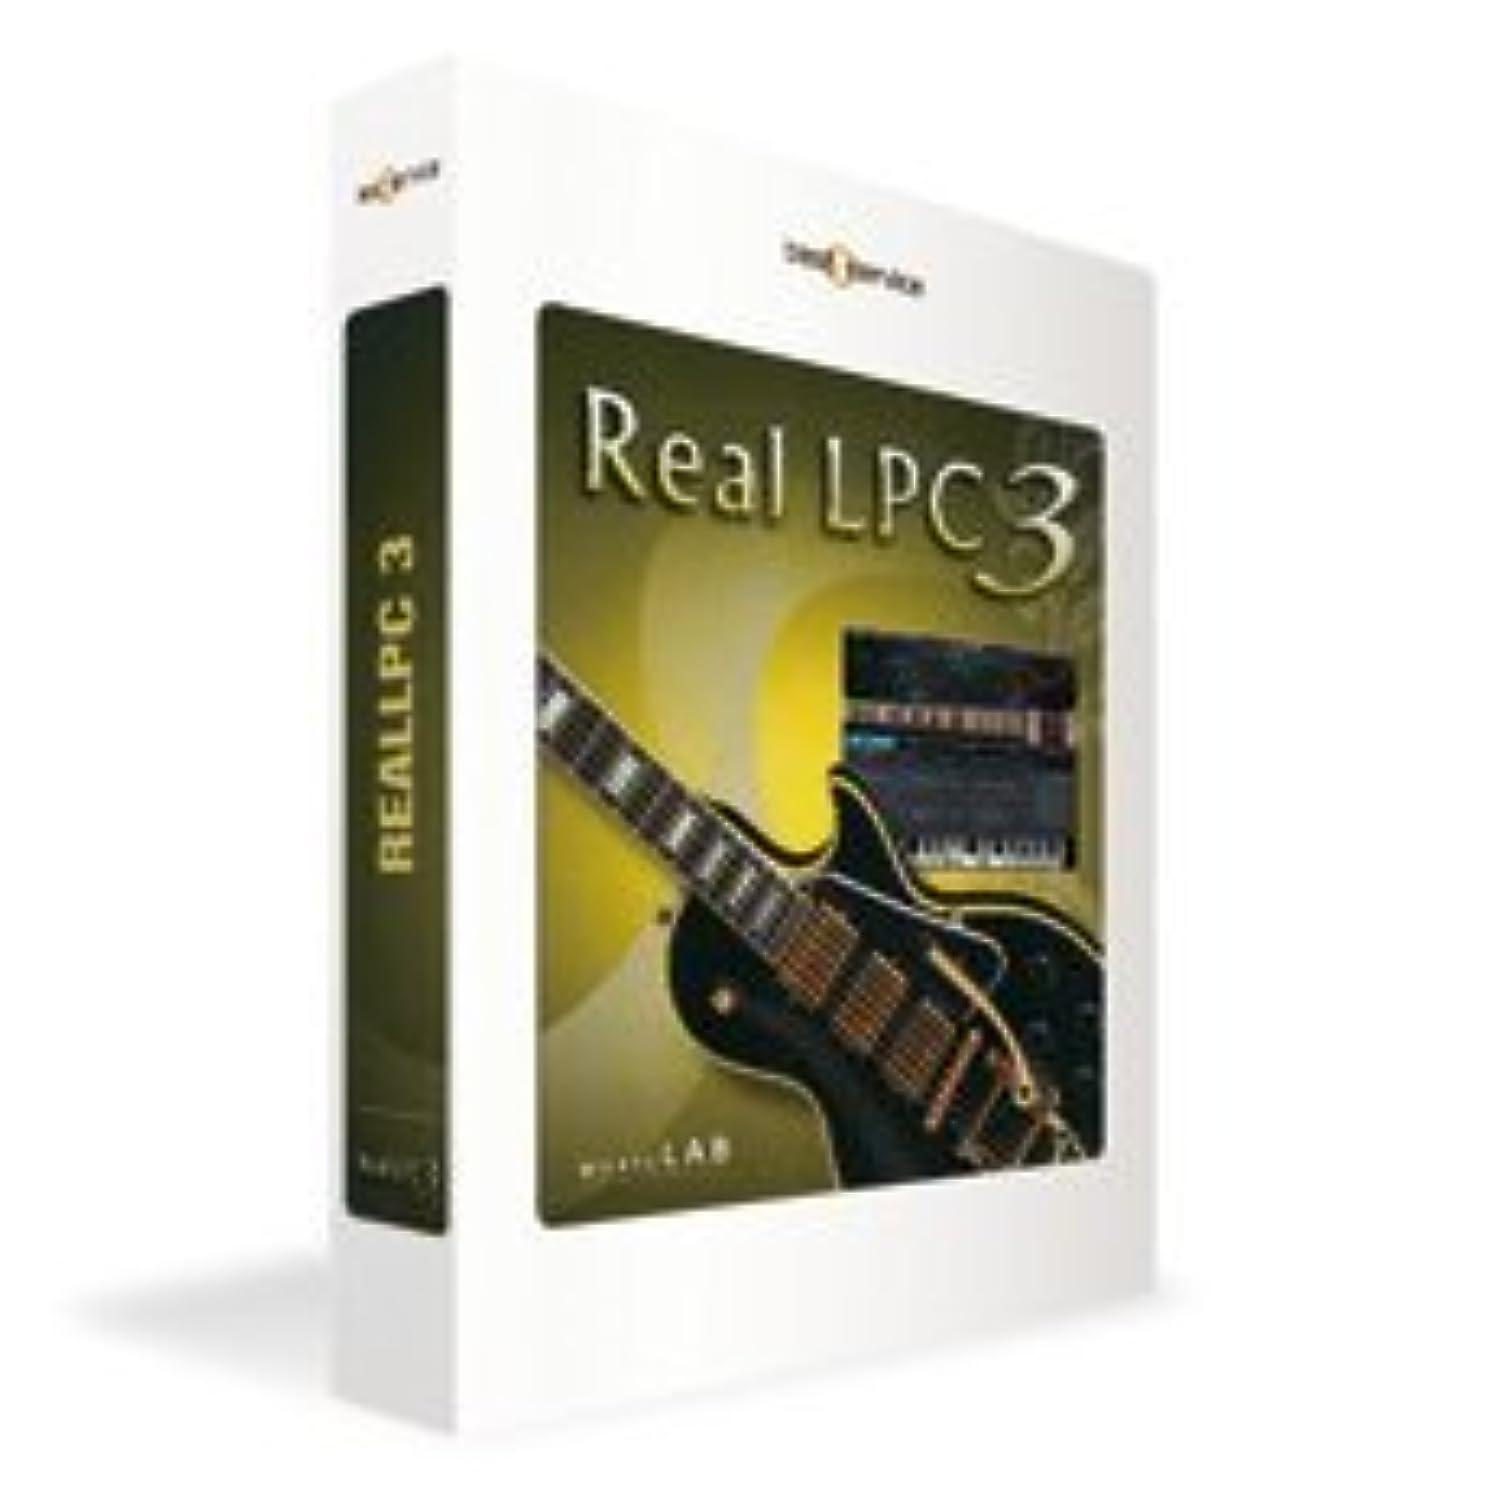 クロス花弁発掘◆MusicLab Real LPC 3◆並行輸入品◆リアル?レスポールカスタム音源◆Best Service◆